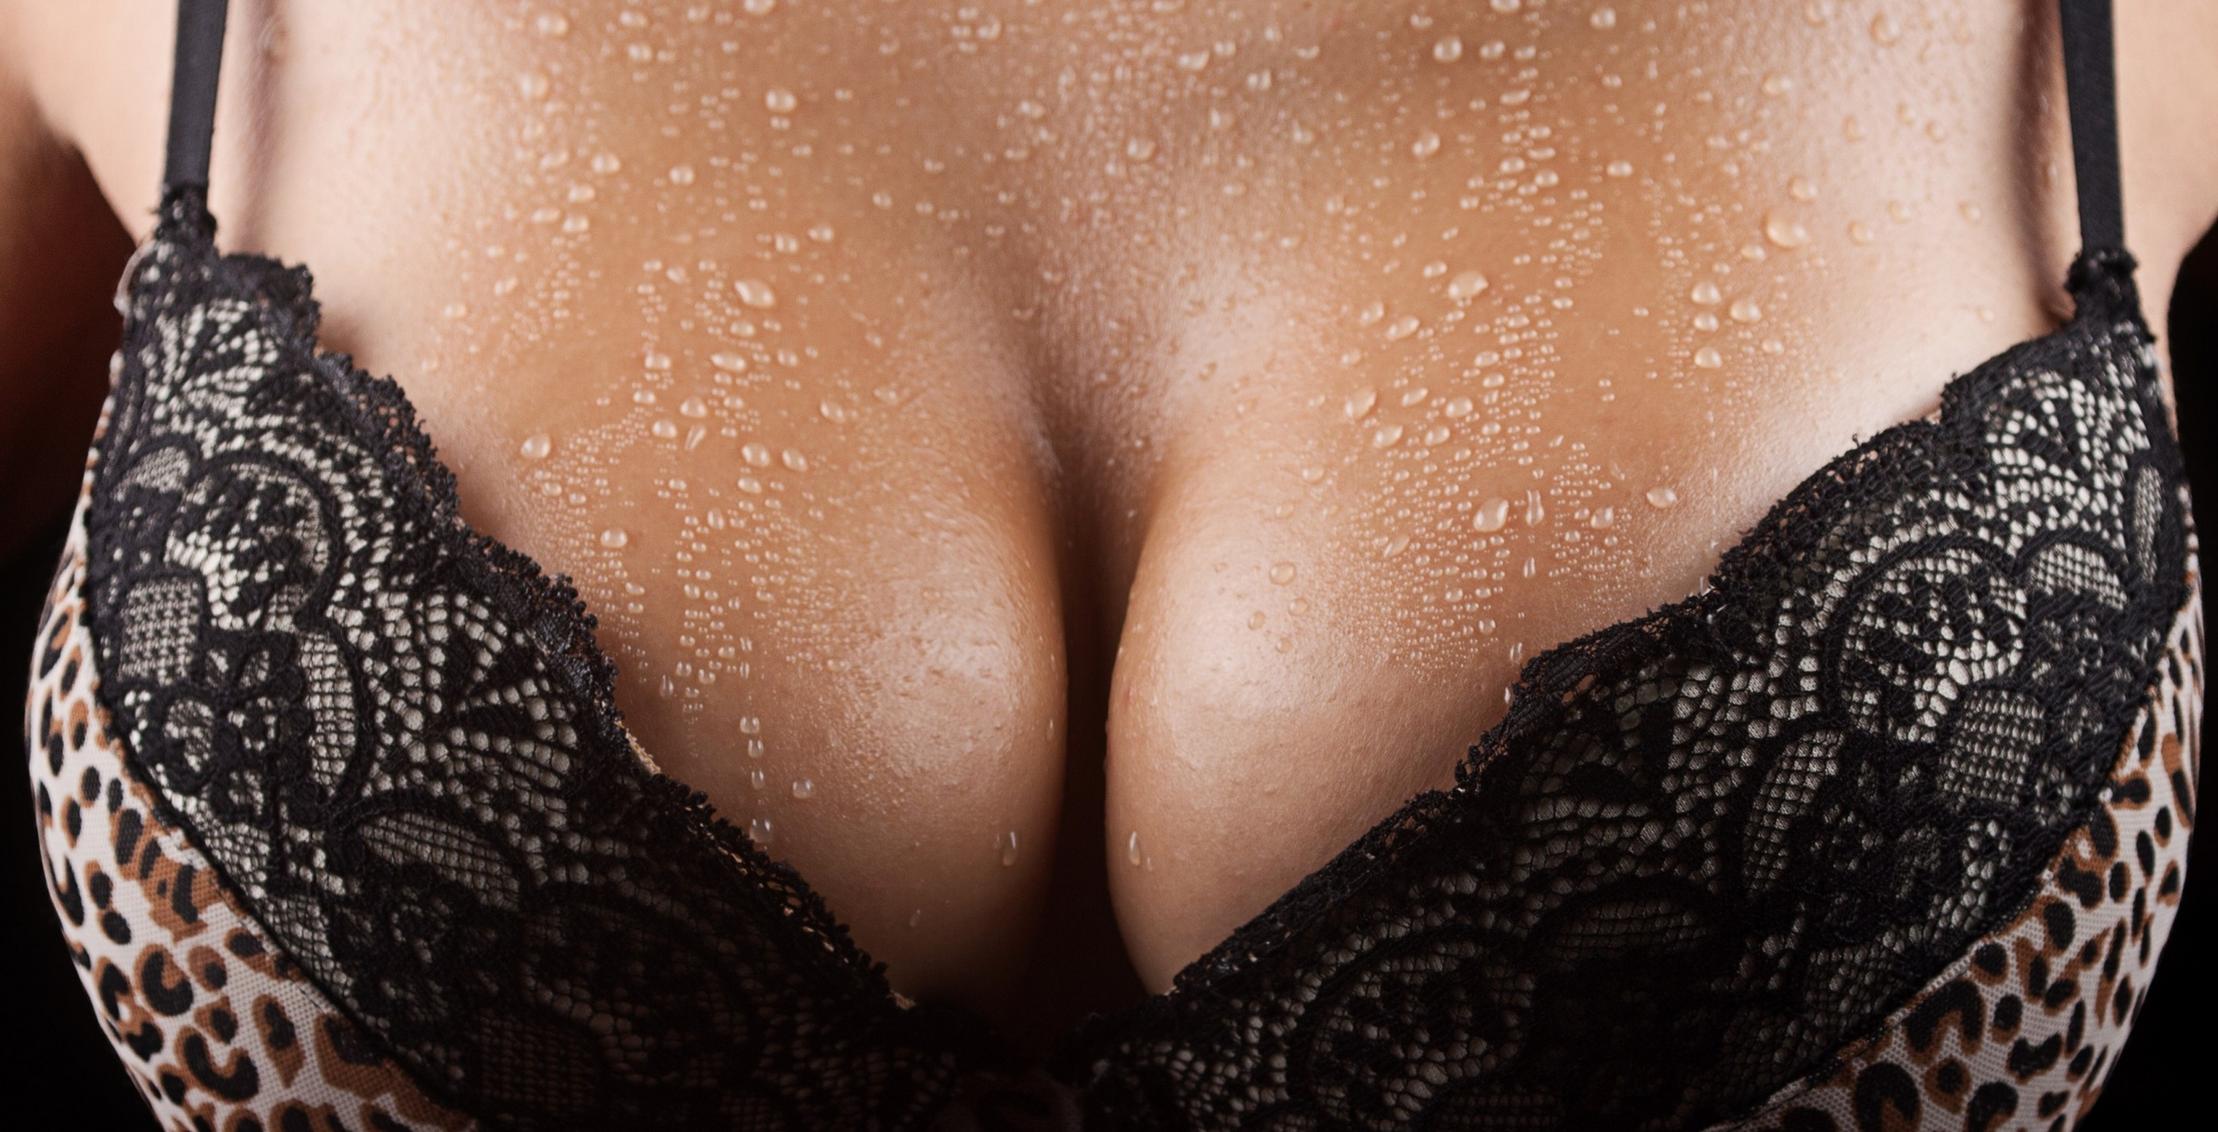 Конкурс самая красивая мокрая грудь